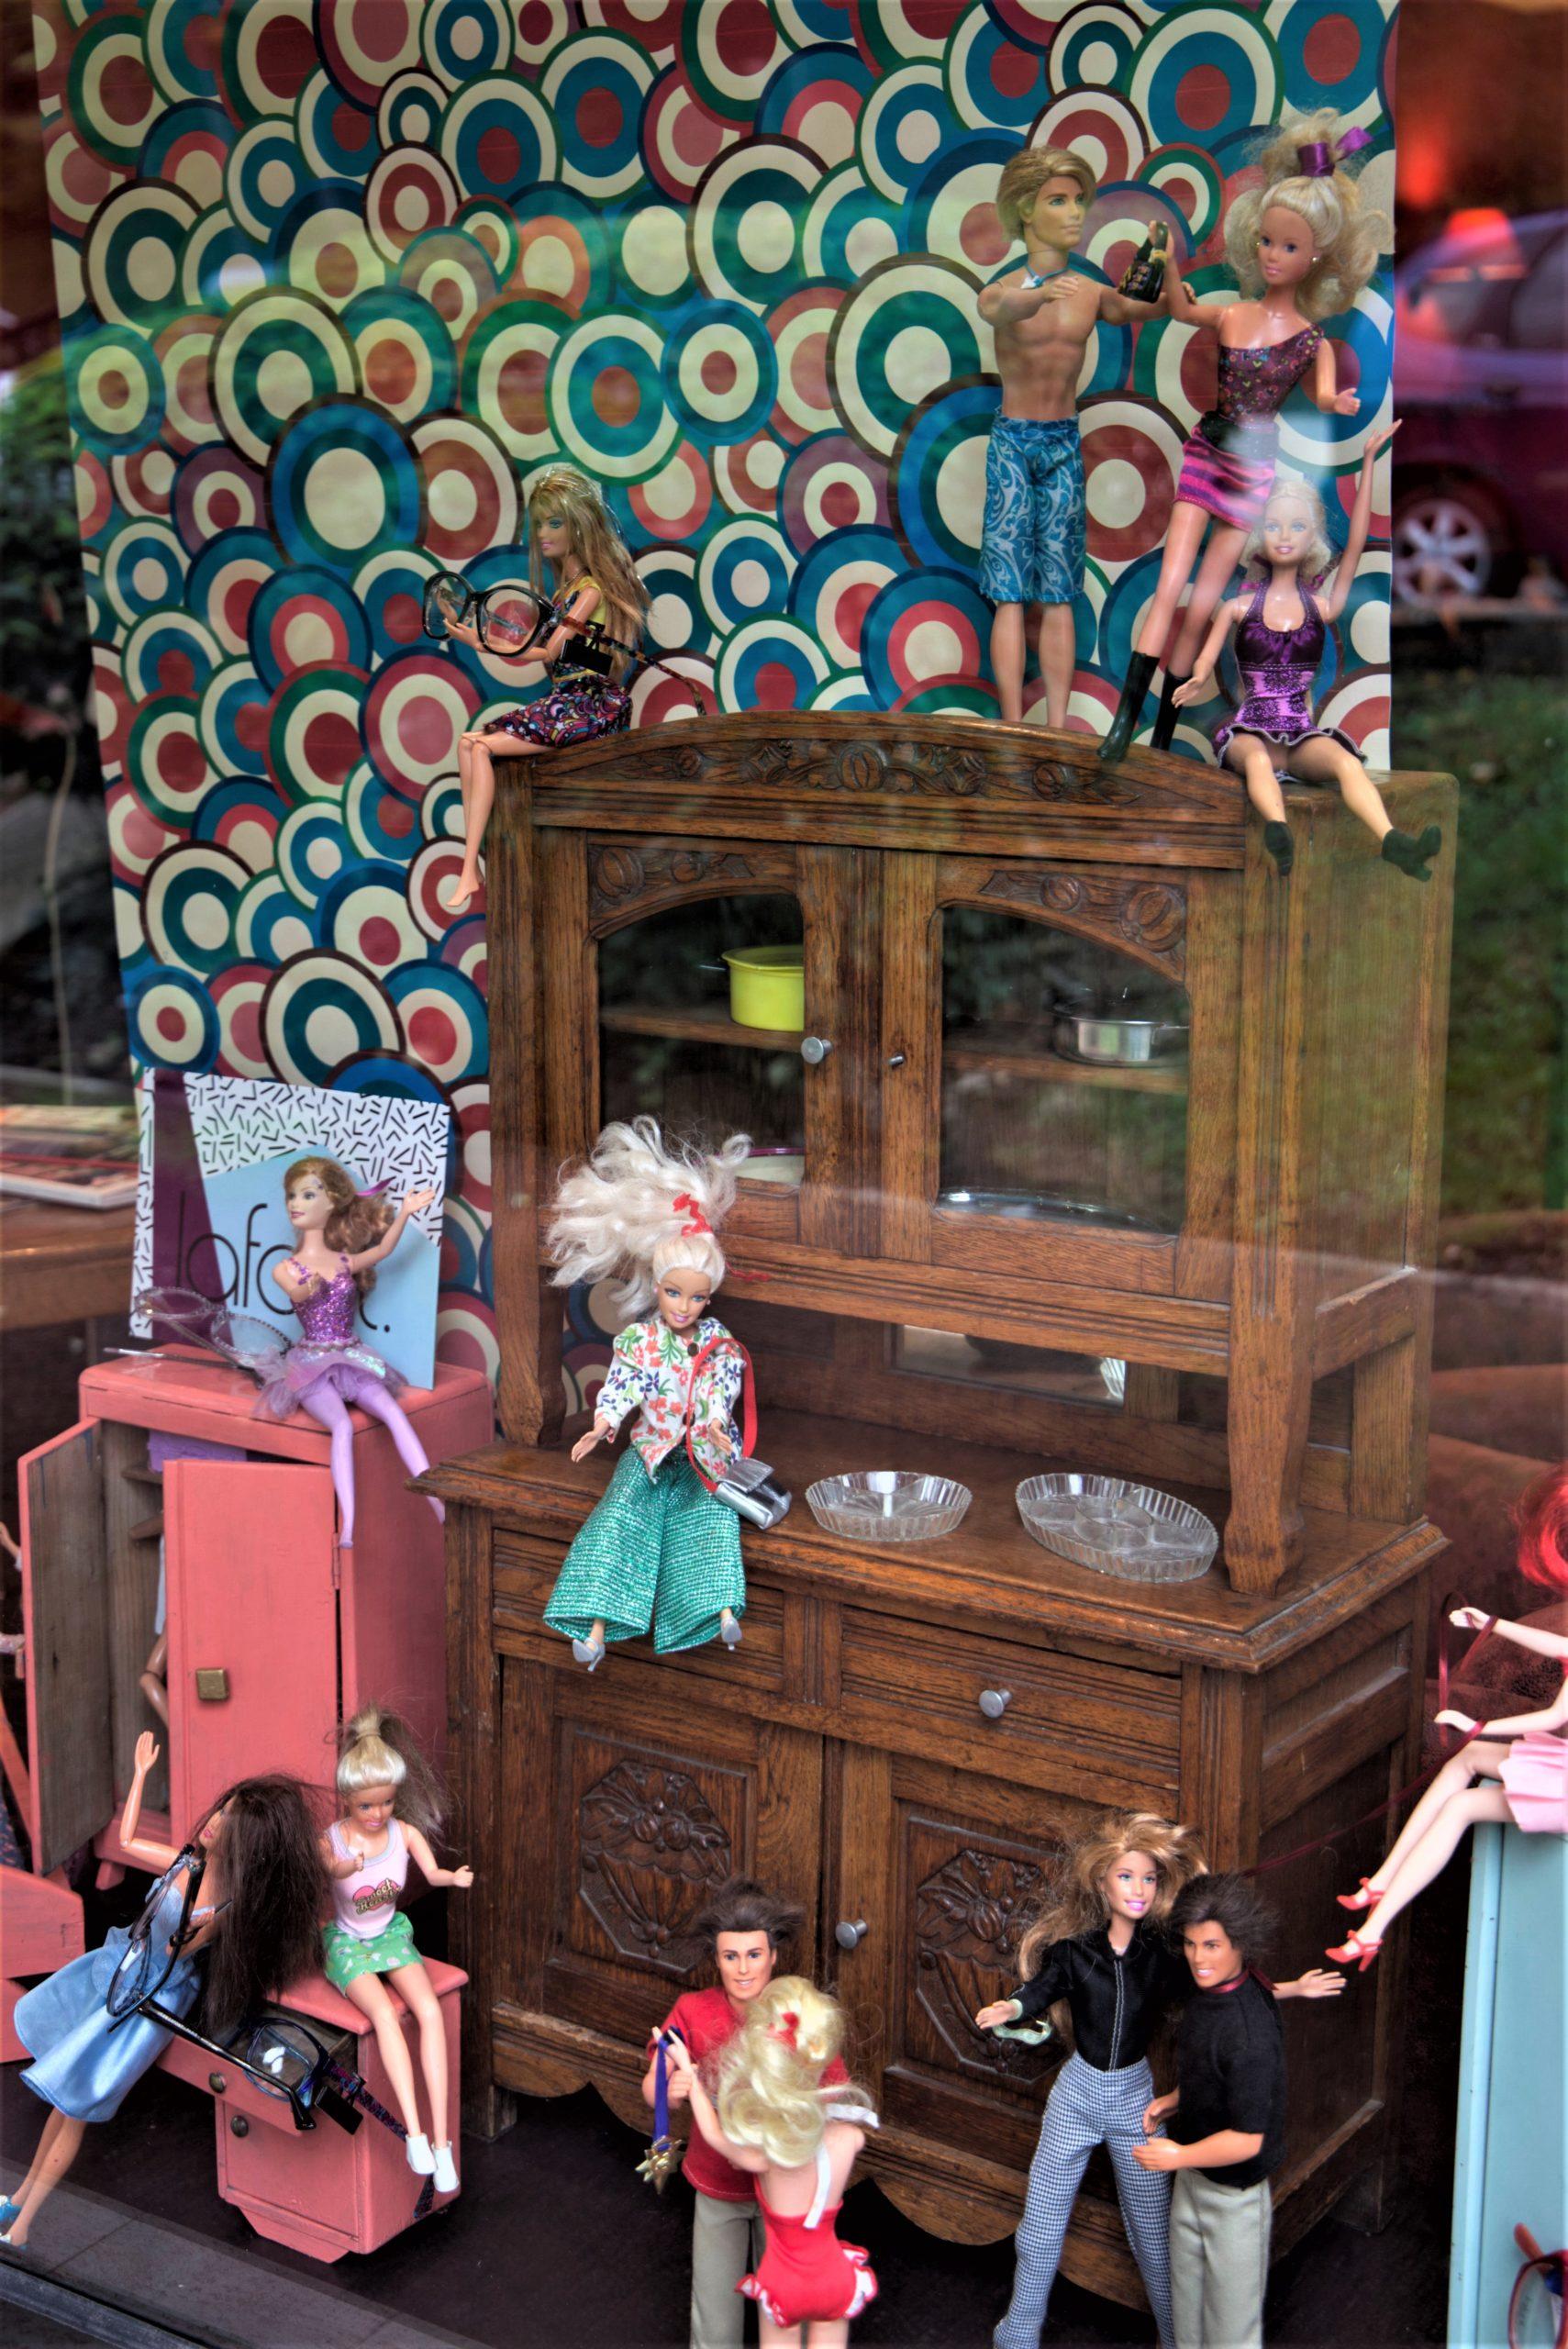 Vitrine-Barbie-ensemble-buffet-la-decotheque